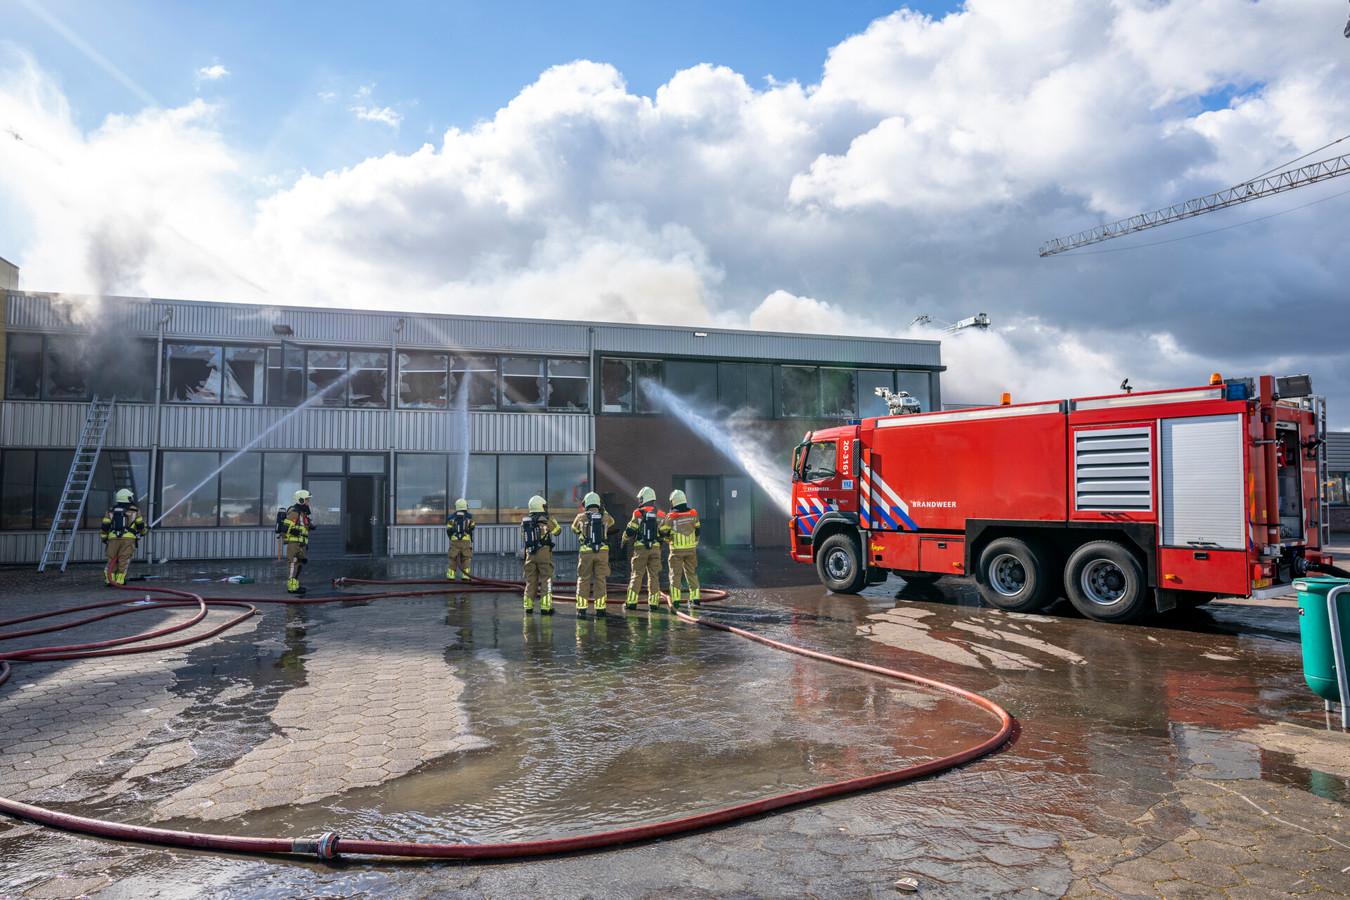 Bij een appartement boven een bedrijf aan de Beatrixhaven in Werkendam was zondagochtend een grote brand uitgebroken. De brand breidde uit naar een naastgelegen appartement en het onderliggende bedrijf.